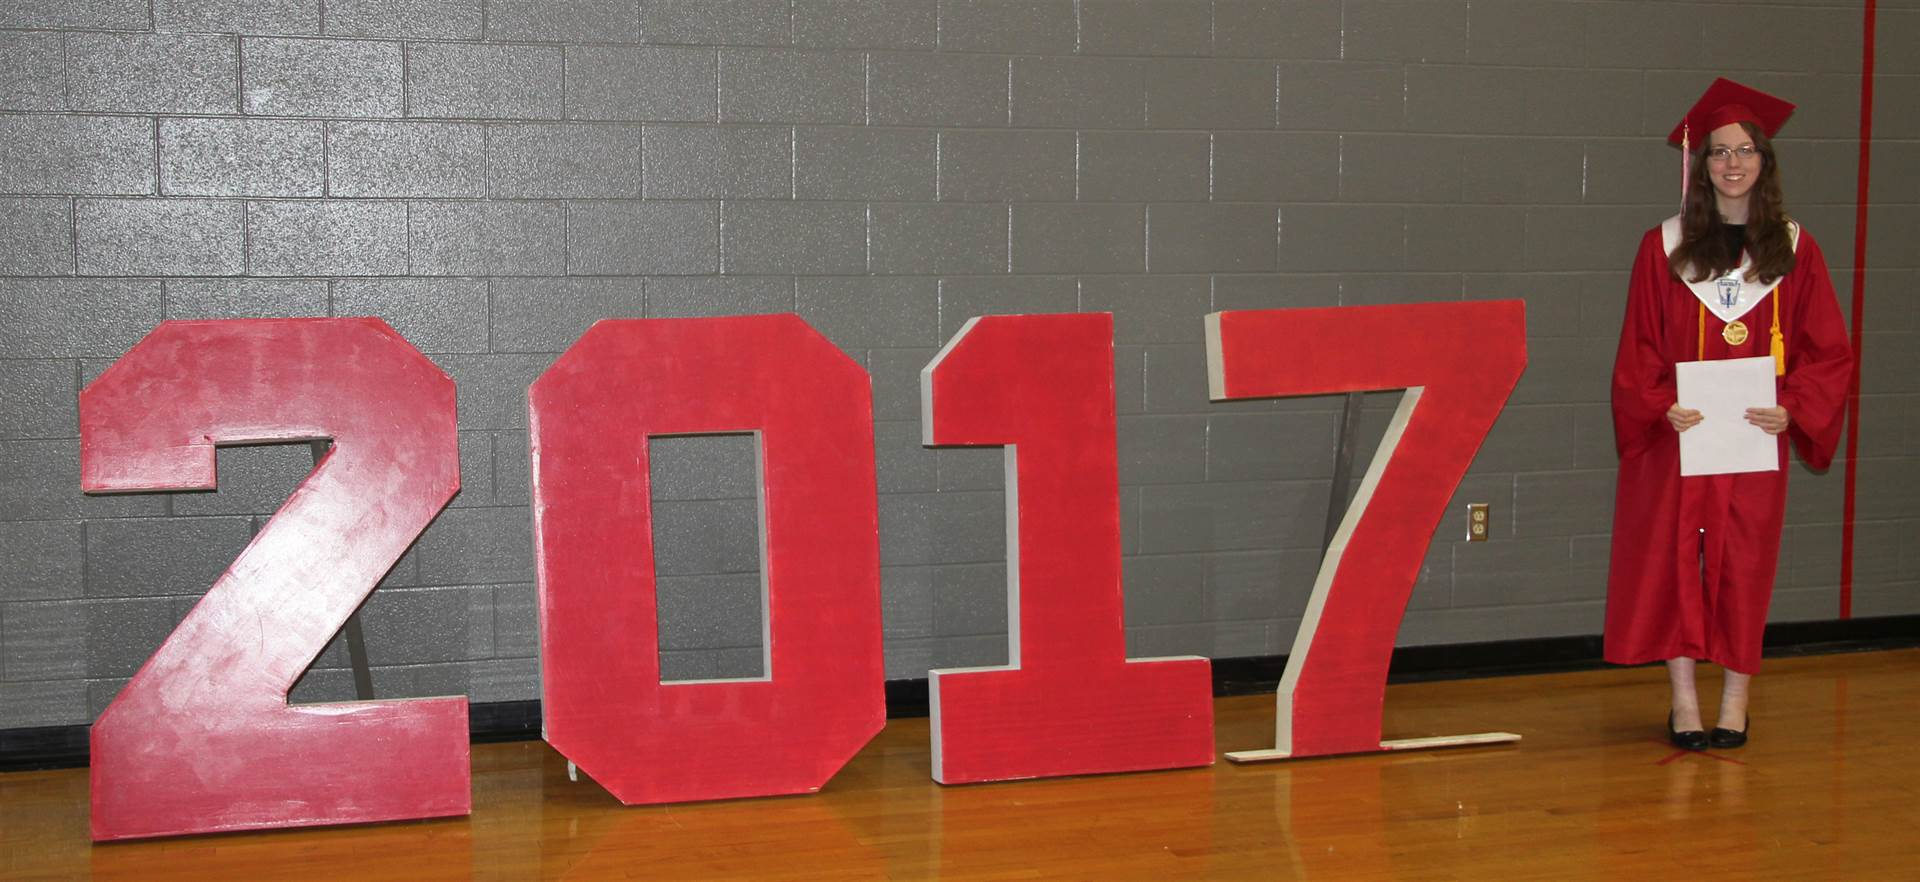 photo 138 from 2017 C V Graduation.